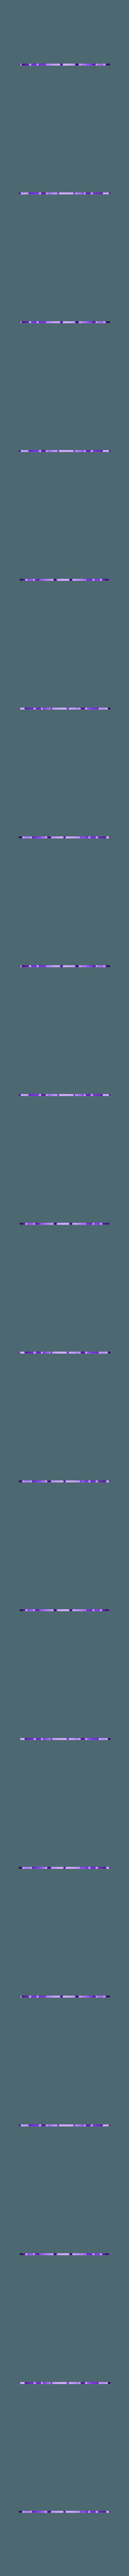 d2.STL Télécharger fichier STL gratuit Disque d'Euclide • Modèle pour imprimante 3D, seb2320